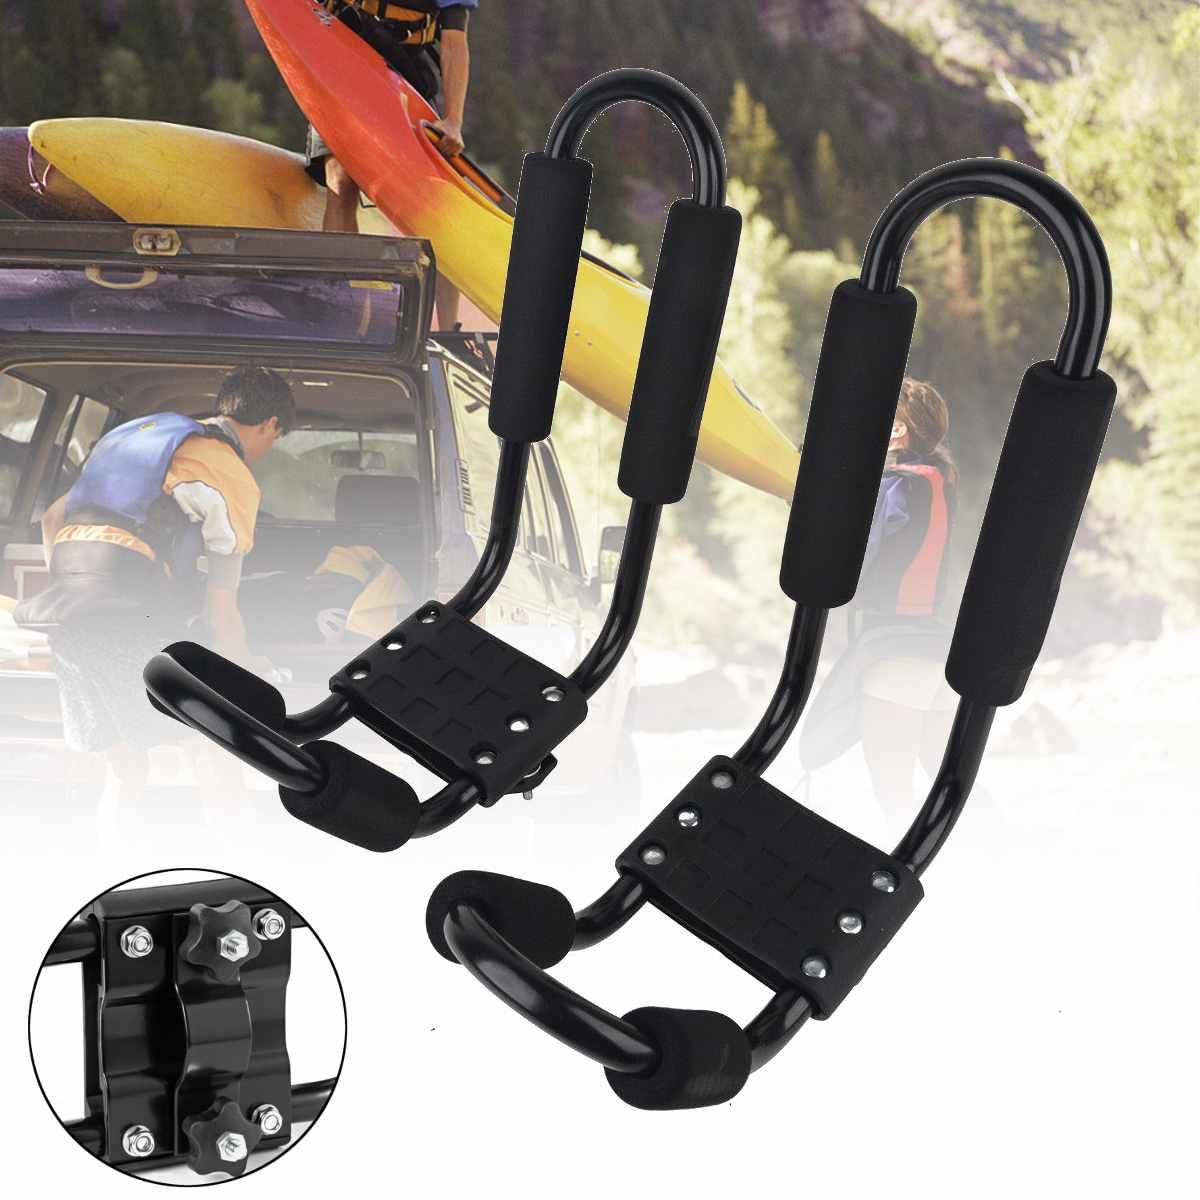 Folding Double J Bars Car Roof Rack Canoe Kayak Universal Carrier Straps Black